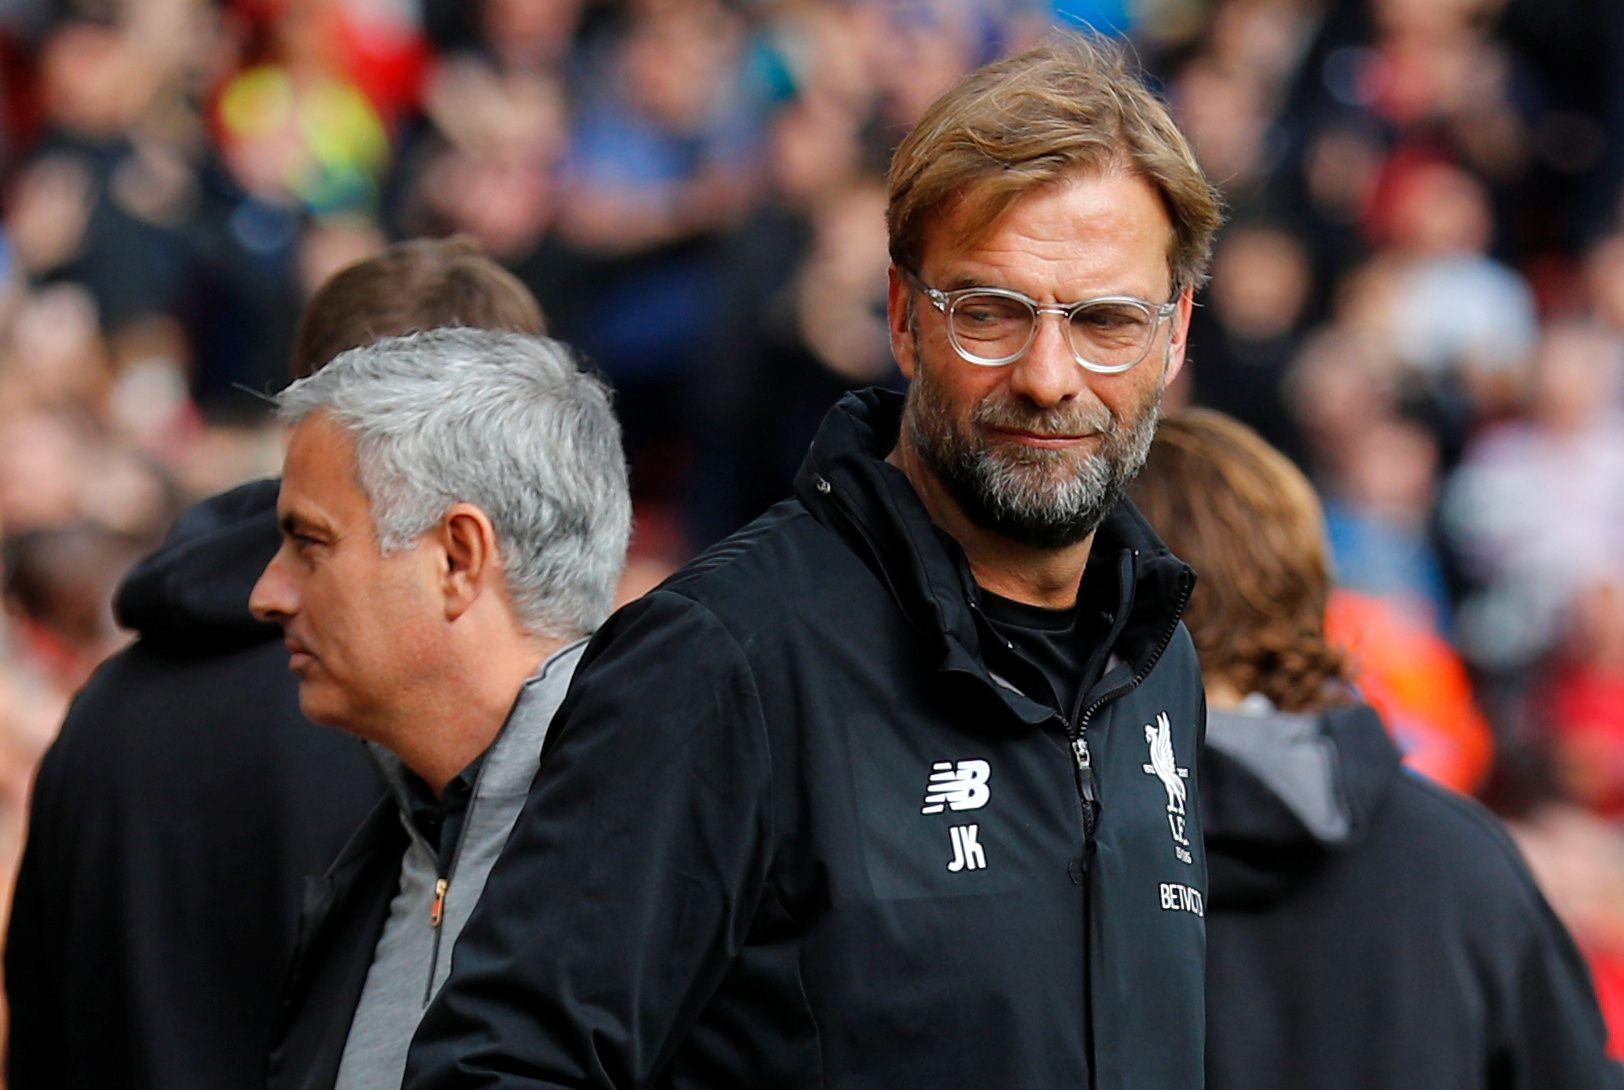 HAR ENDRET MENING: Manchester United-manager José Mourinho er oppgitt over måten Liverpool-sjef Jürgen Klopp har opptrådt på. Foto: NTB scanpix